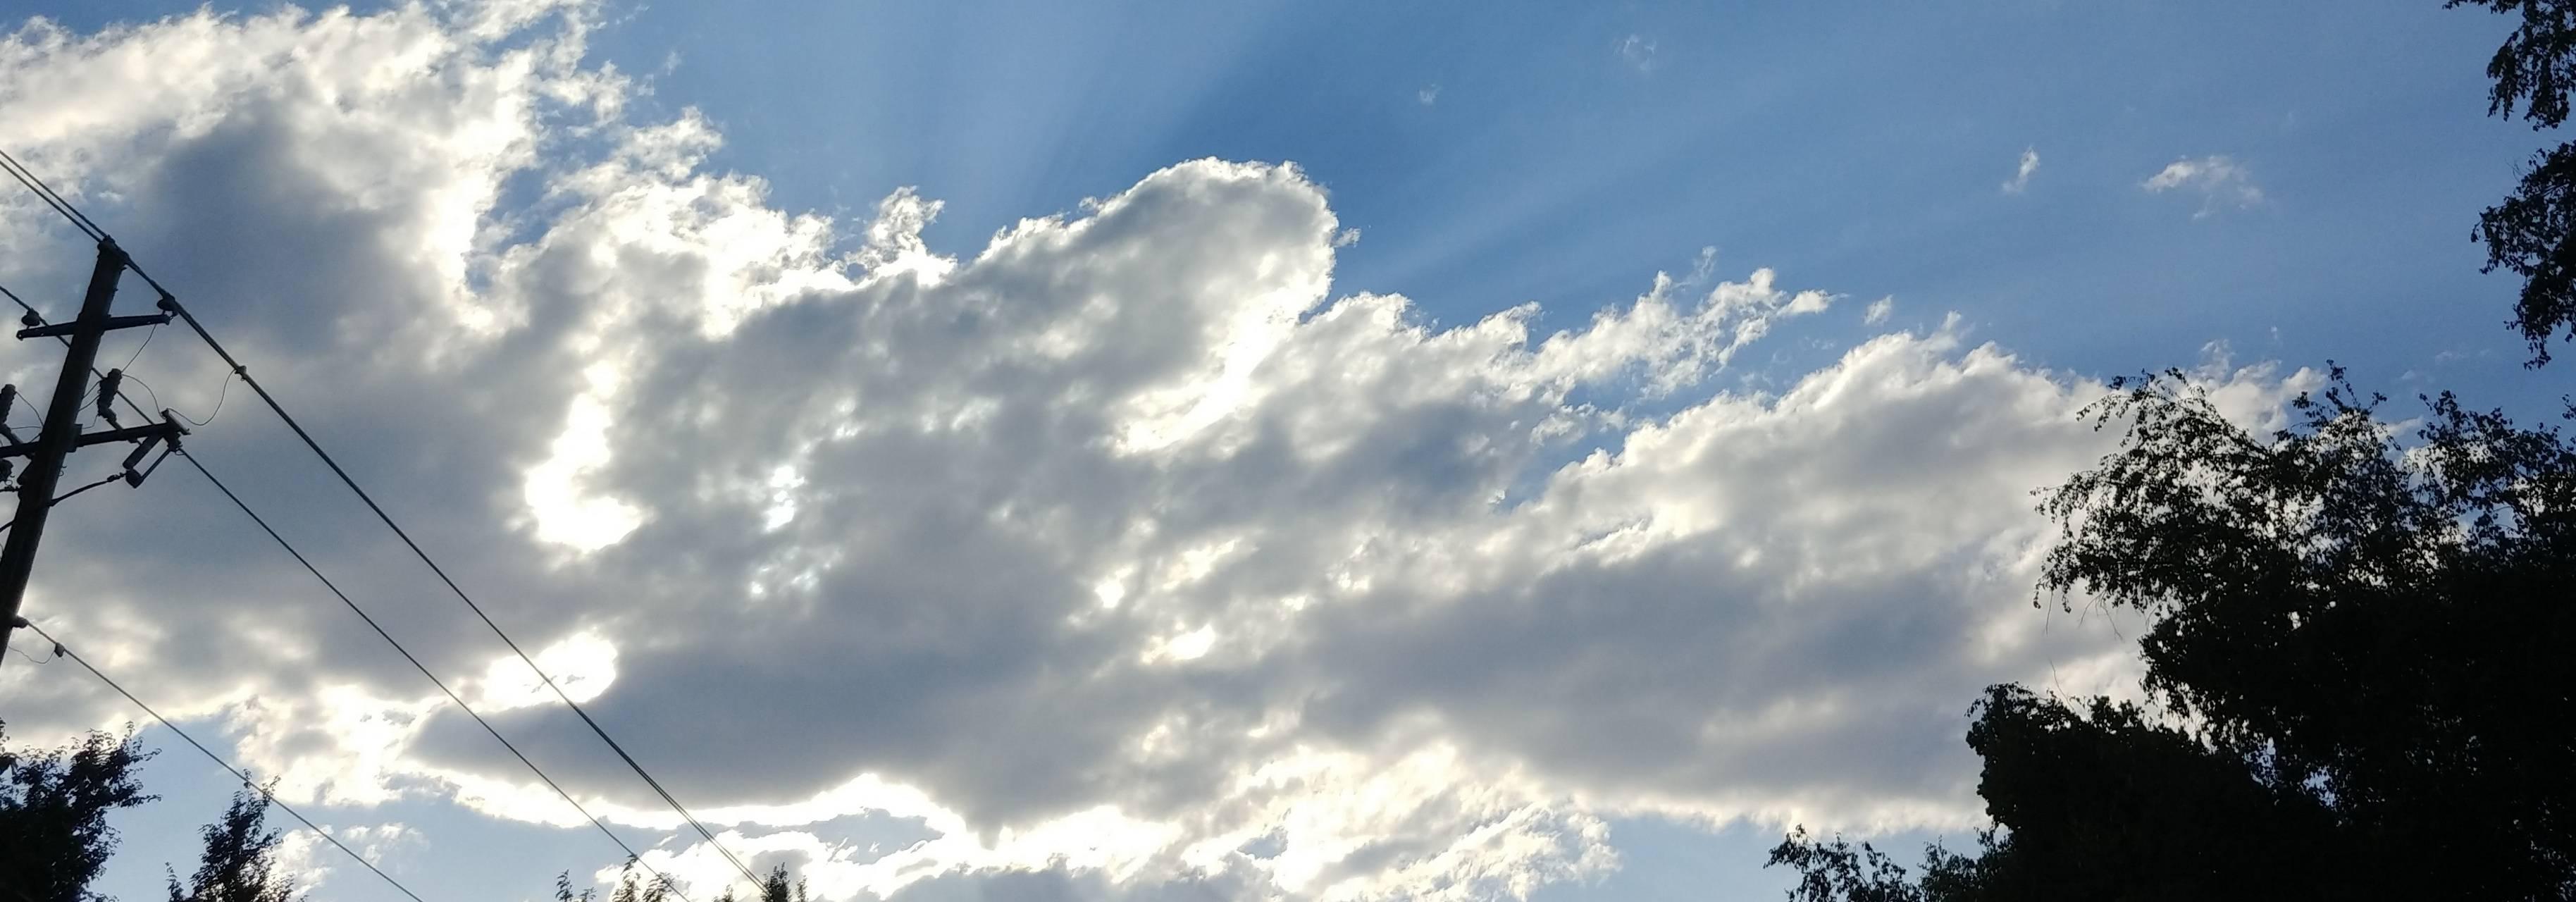 Sky of Blue Gum